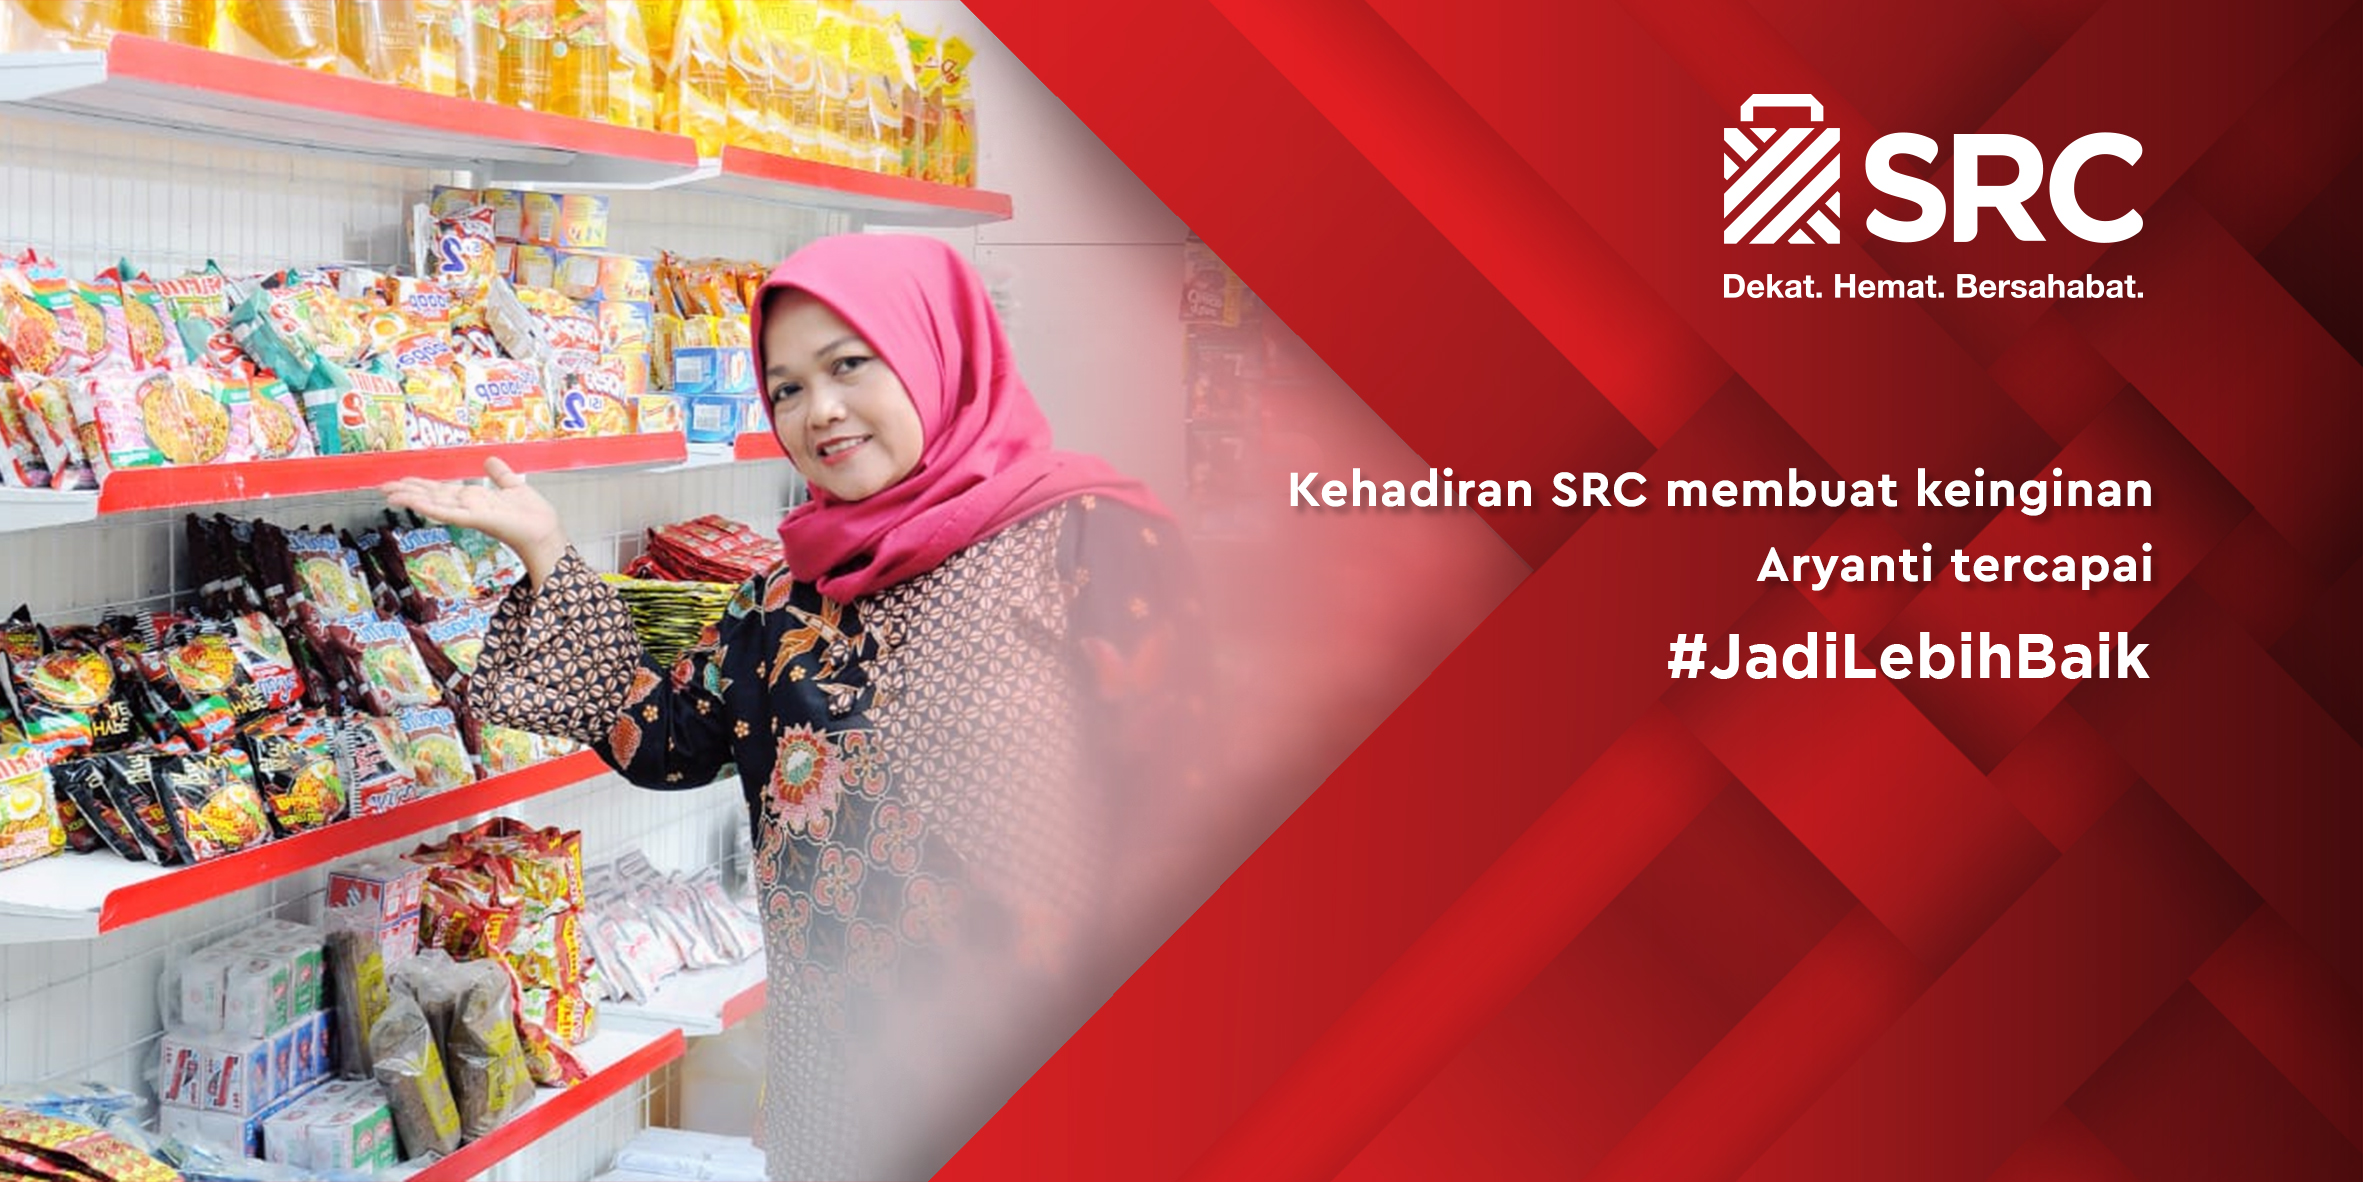 SRC dan SMESCO Berkolaborasi untuk Dukung Pertumbuhan UMKM Indonesia